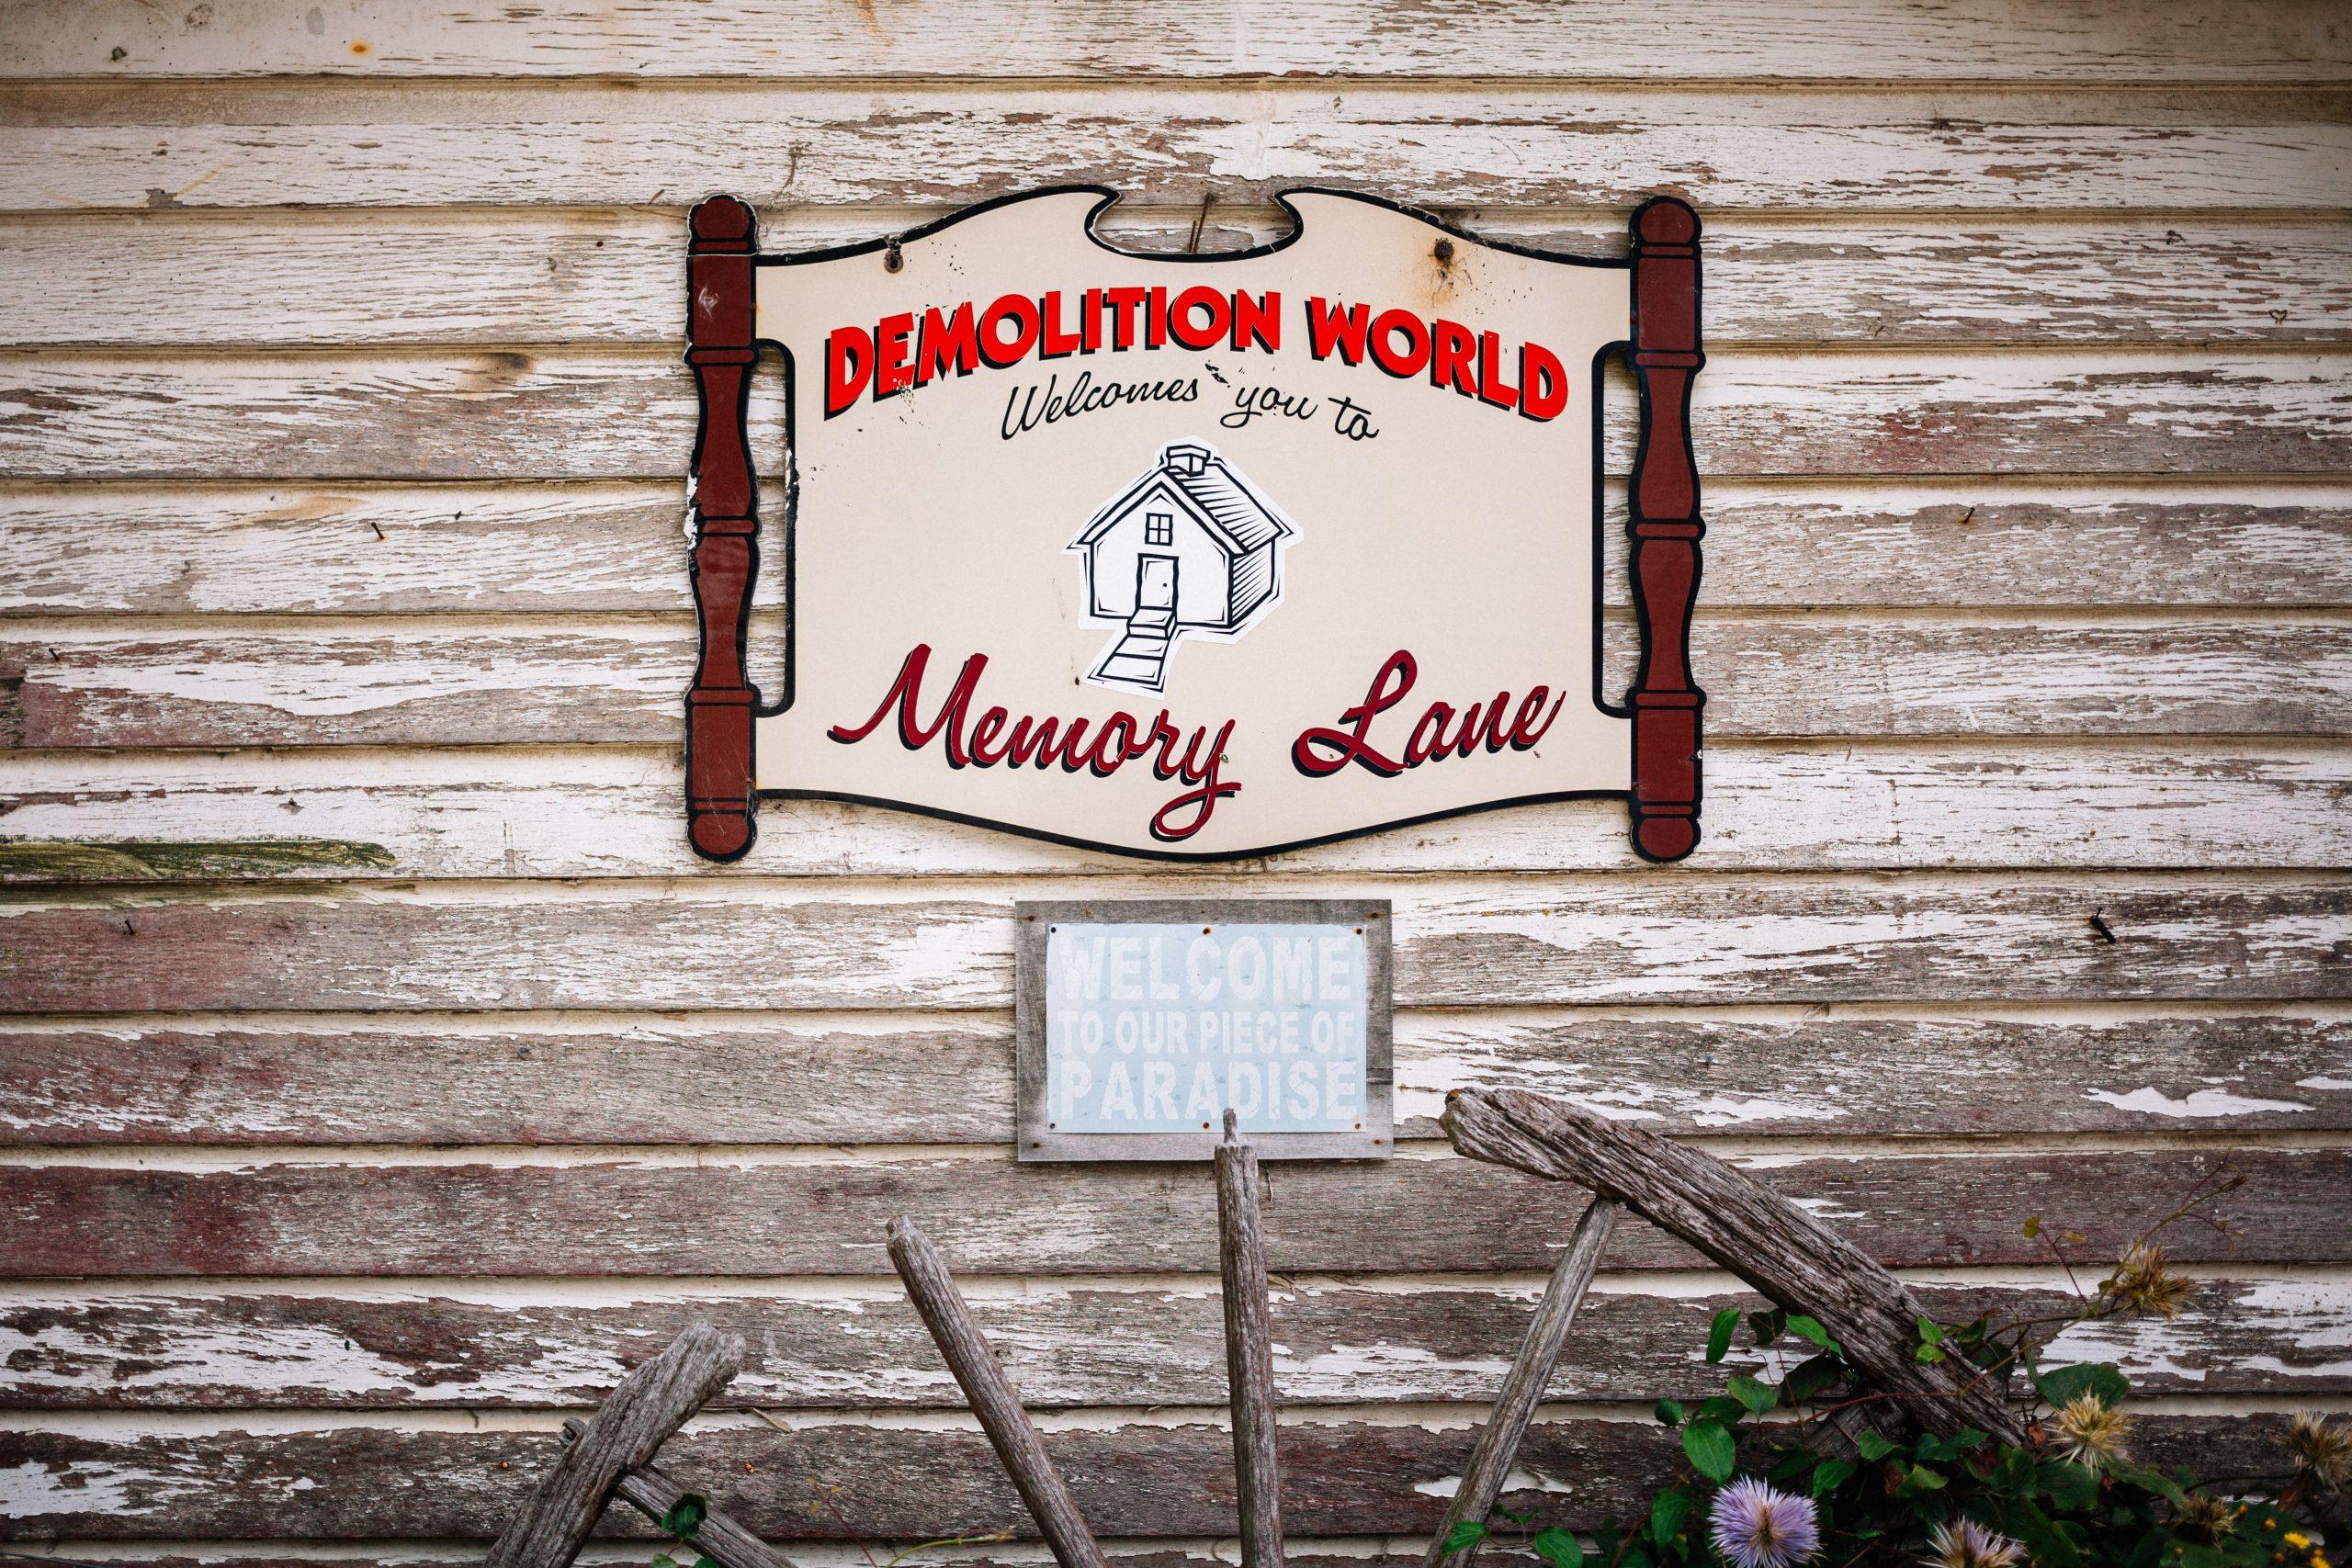 demolition world